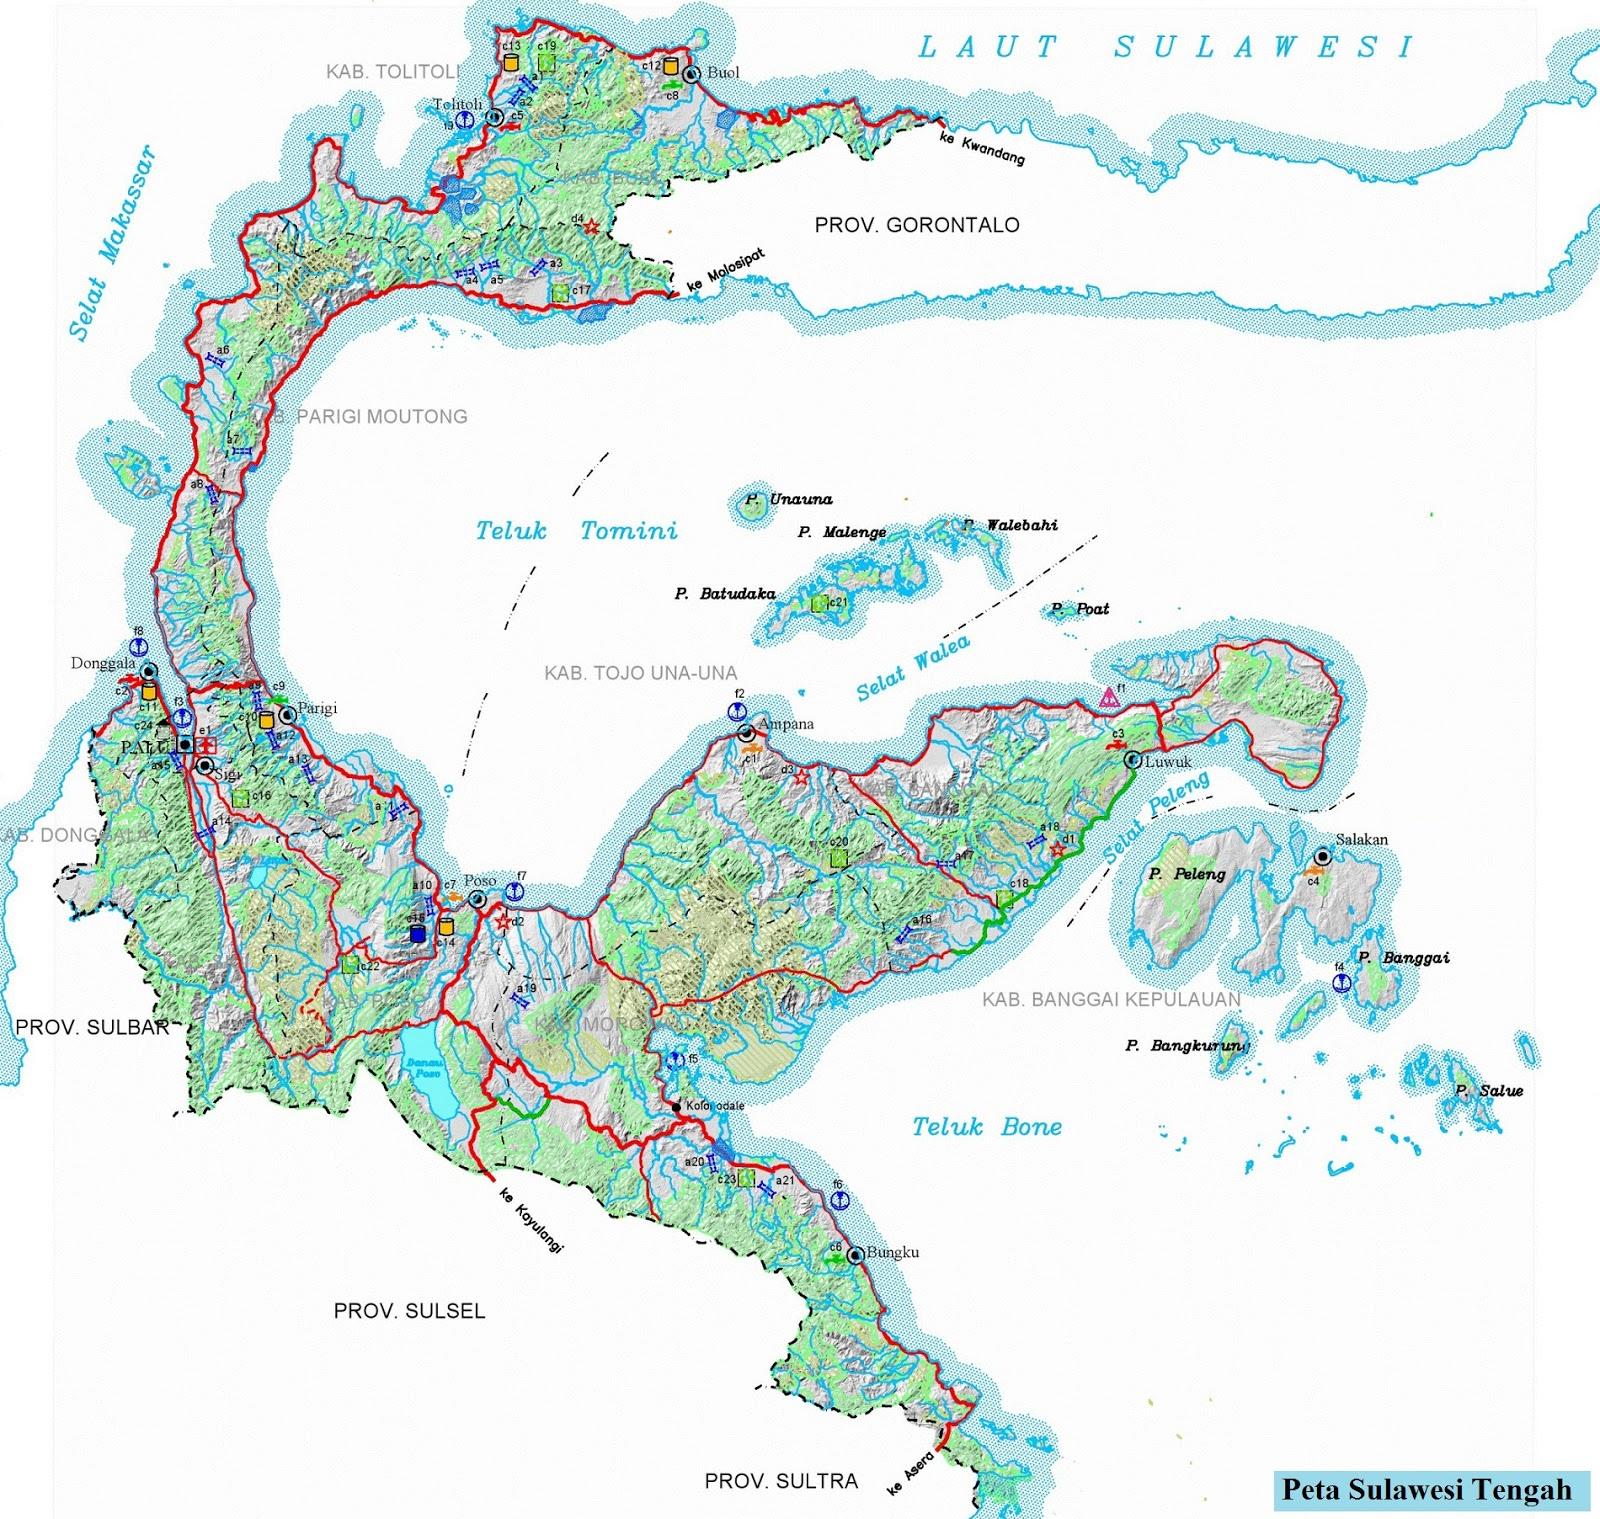 Peta Sulawesi Tengah HD